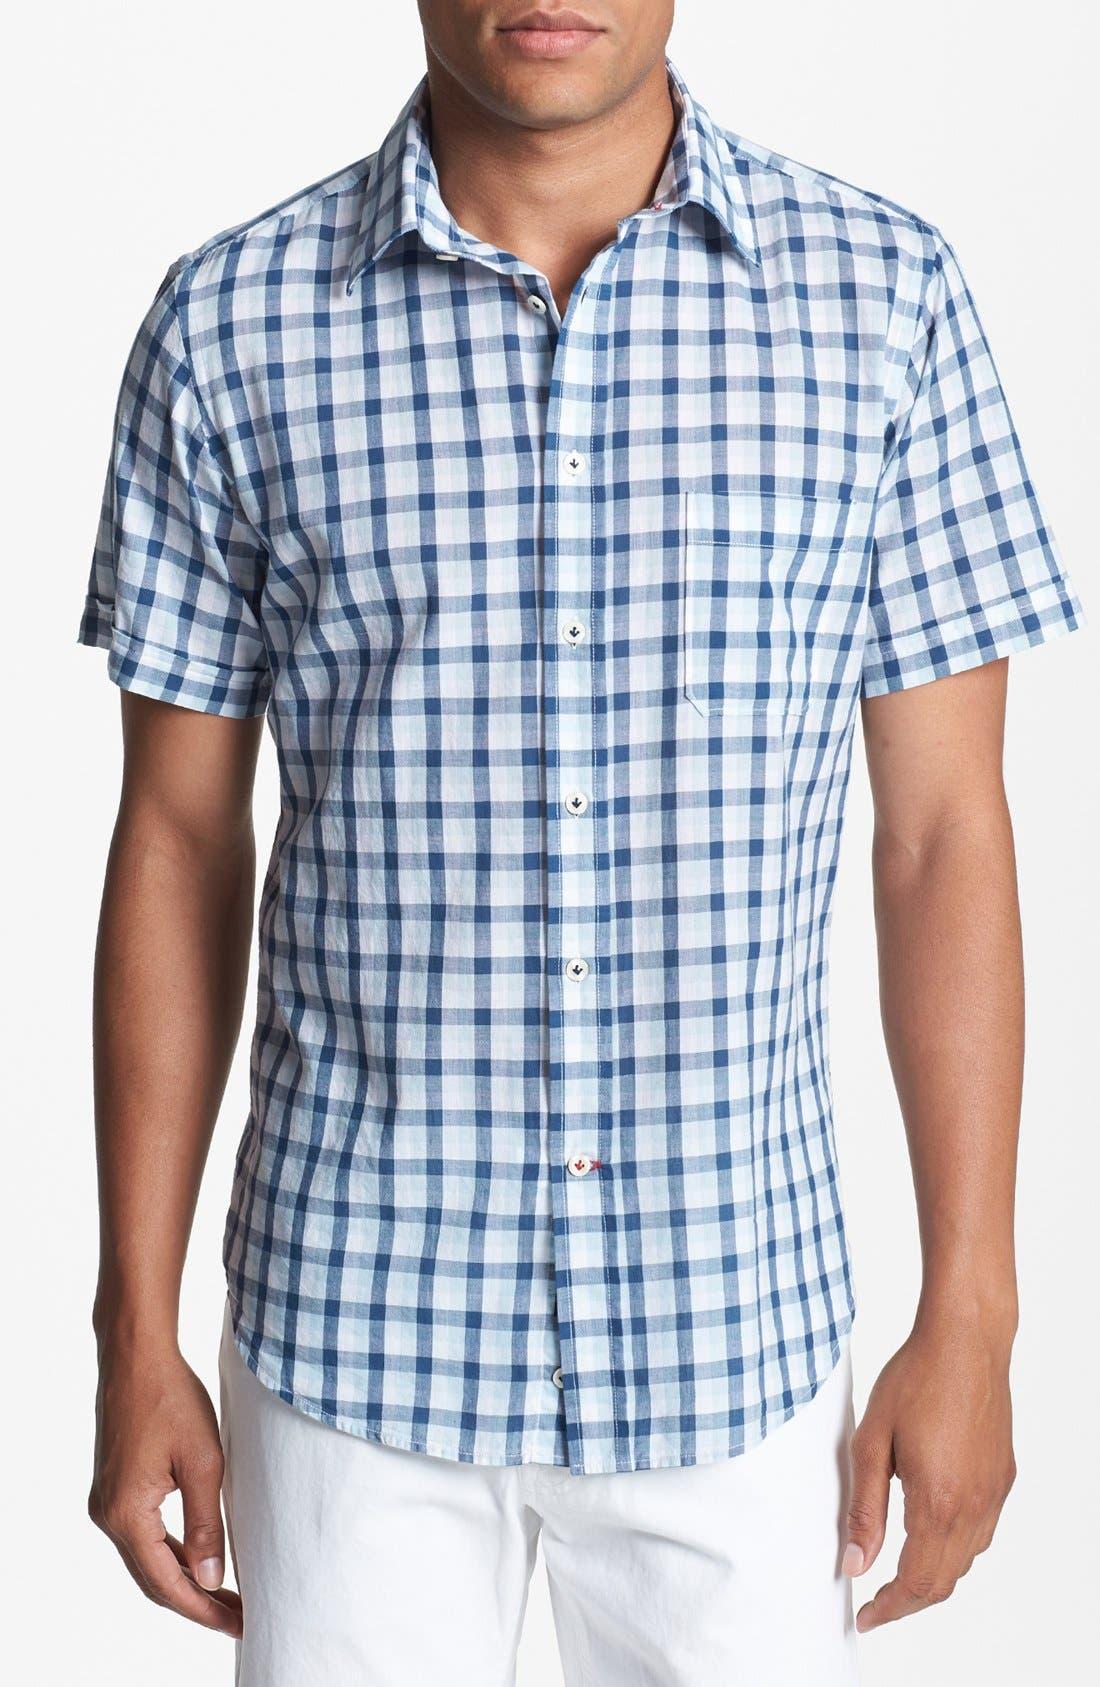 Alternate Image 1 Selected - Benson Check Short Sleeve Sport Shirt